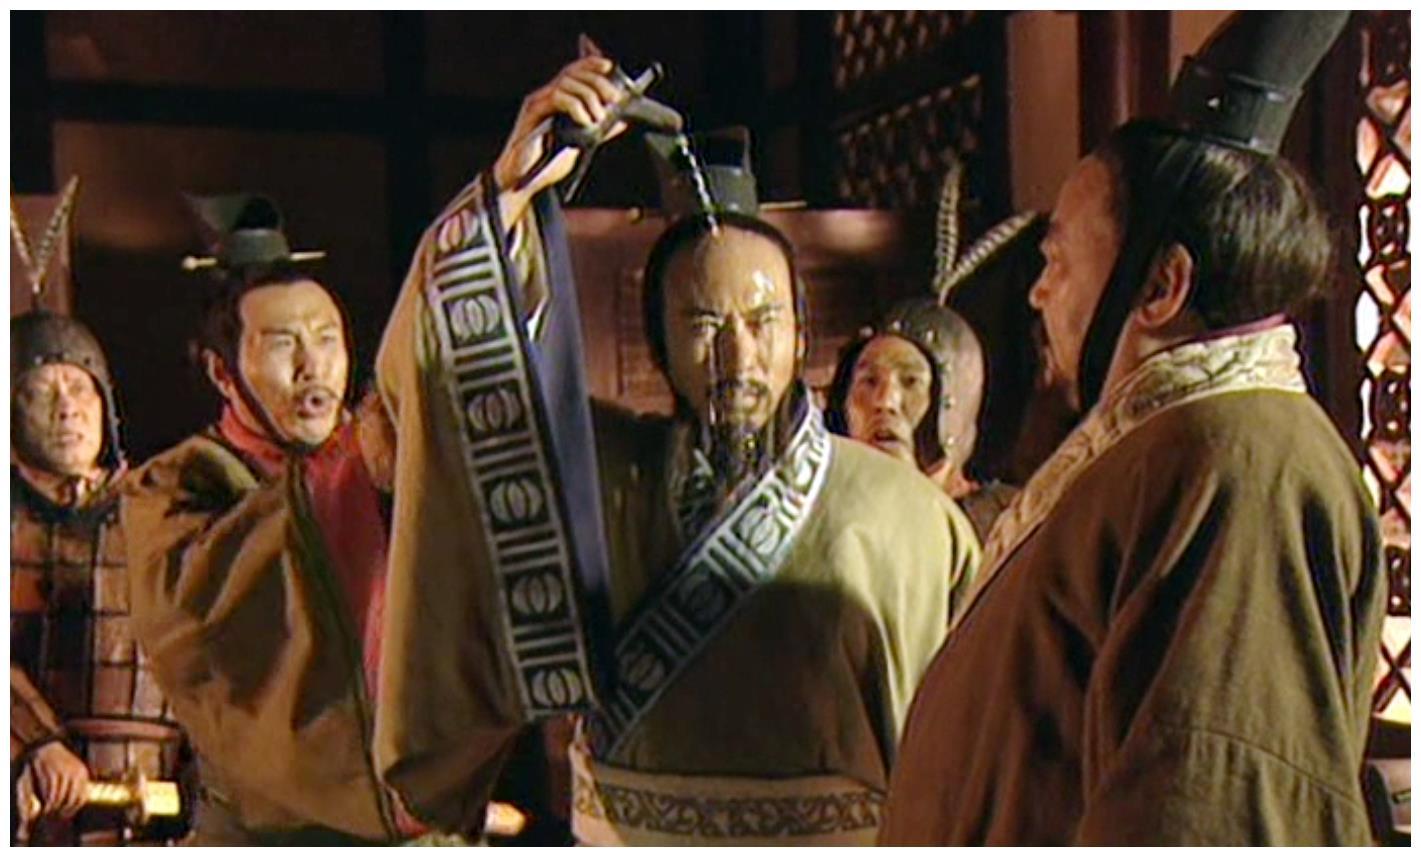 """人们为什么把山西称为""""三晋""""?背后有何历史渊源?"""